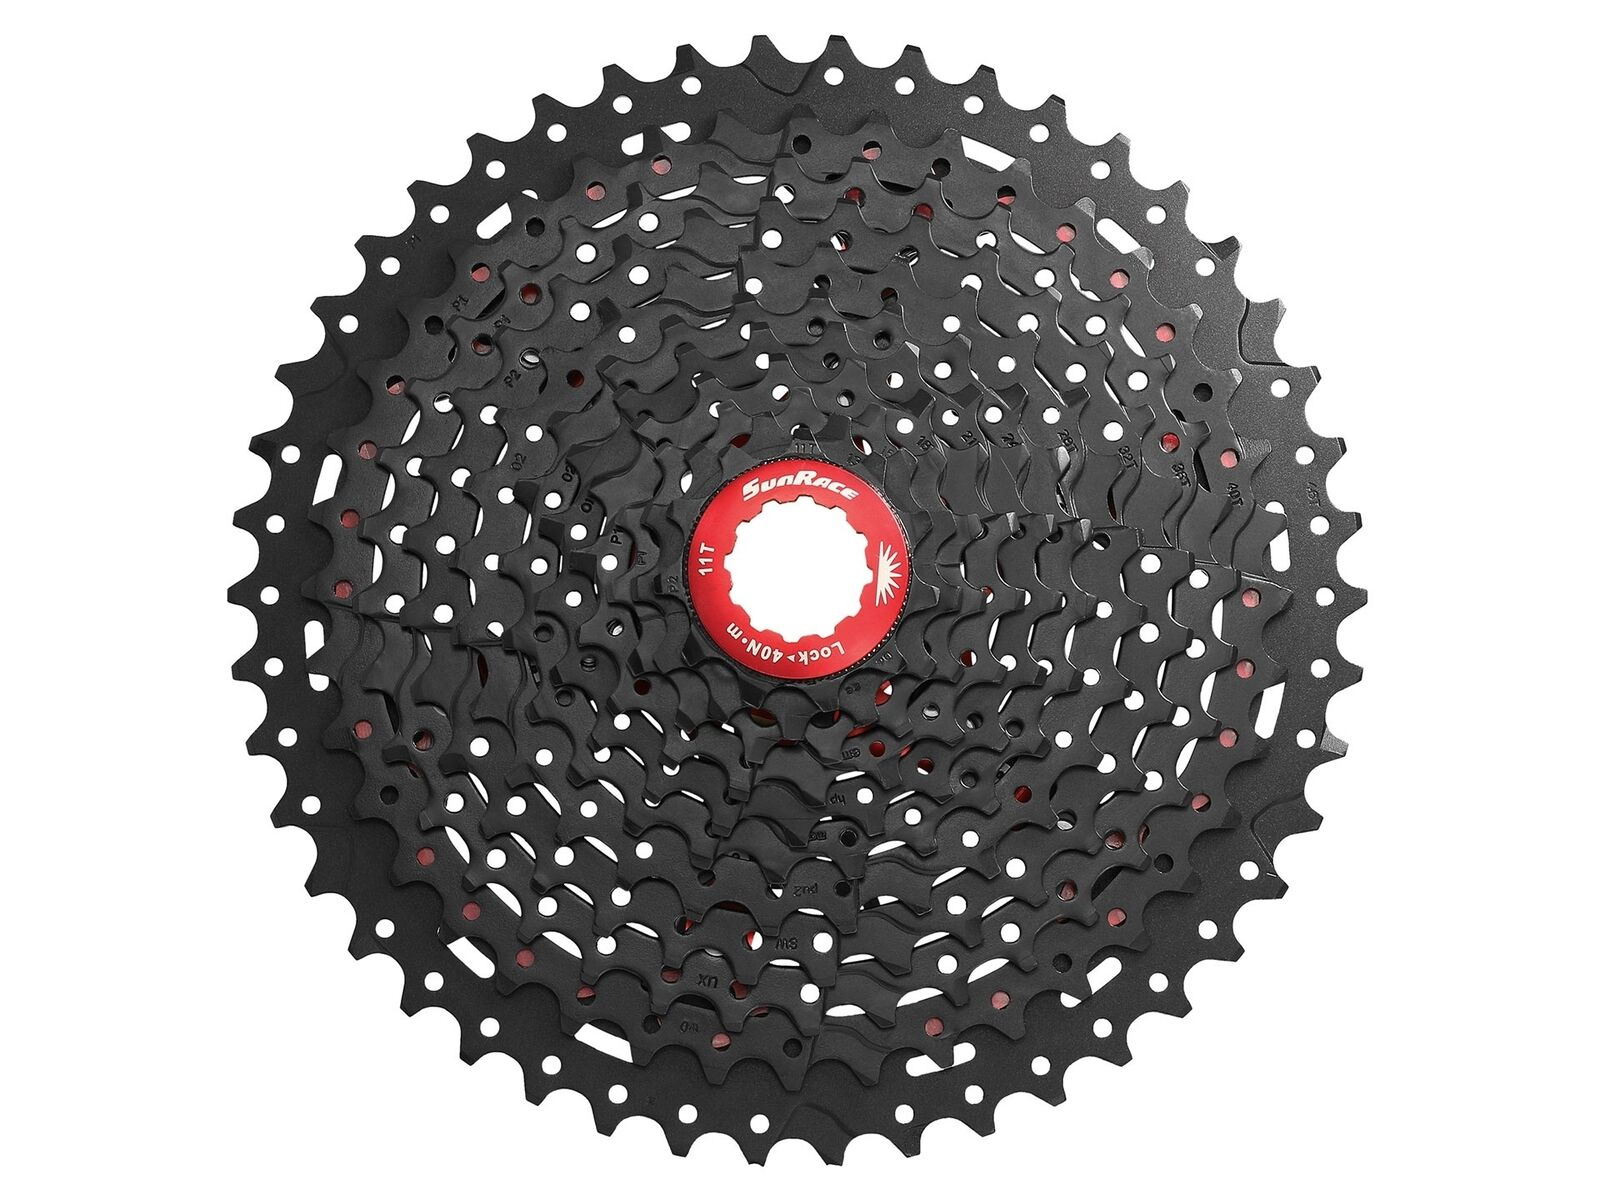 Kassetten-Zahnkranz 11-fach Sunrace CSMX8 11-46z - Schwarz Rot